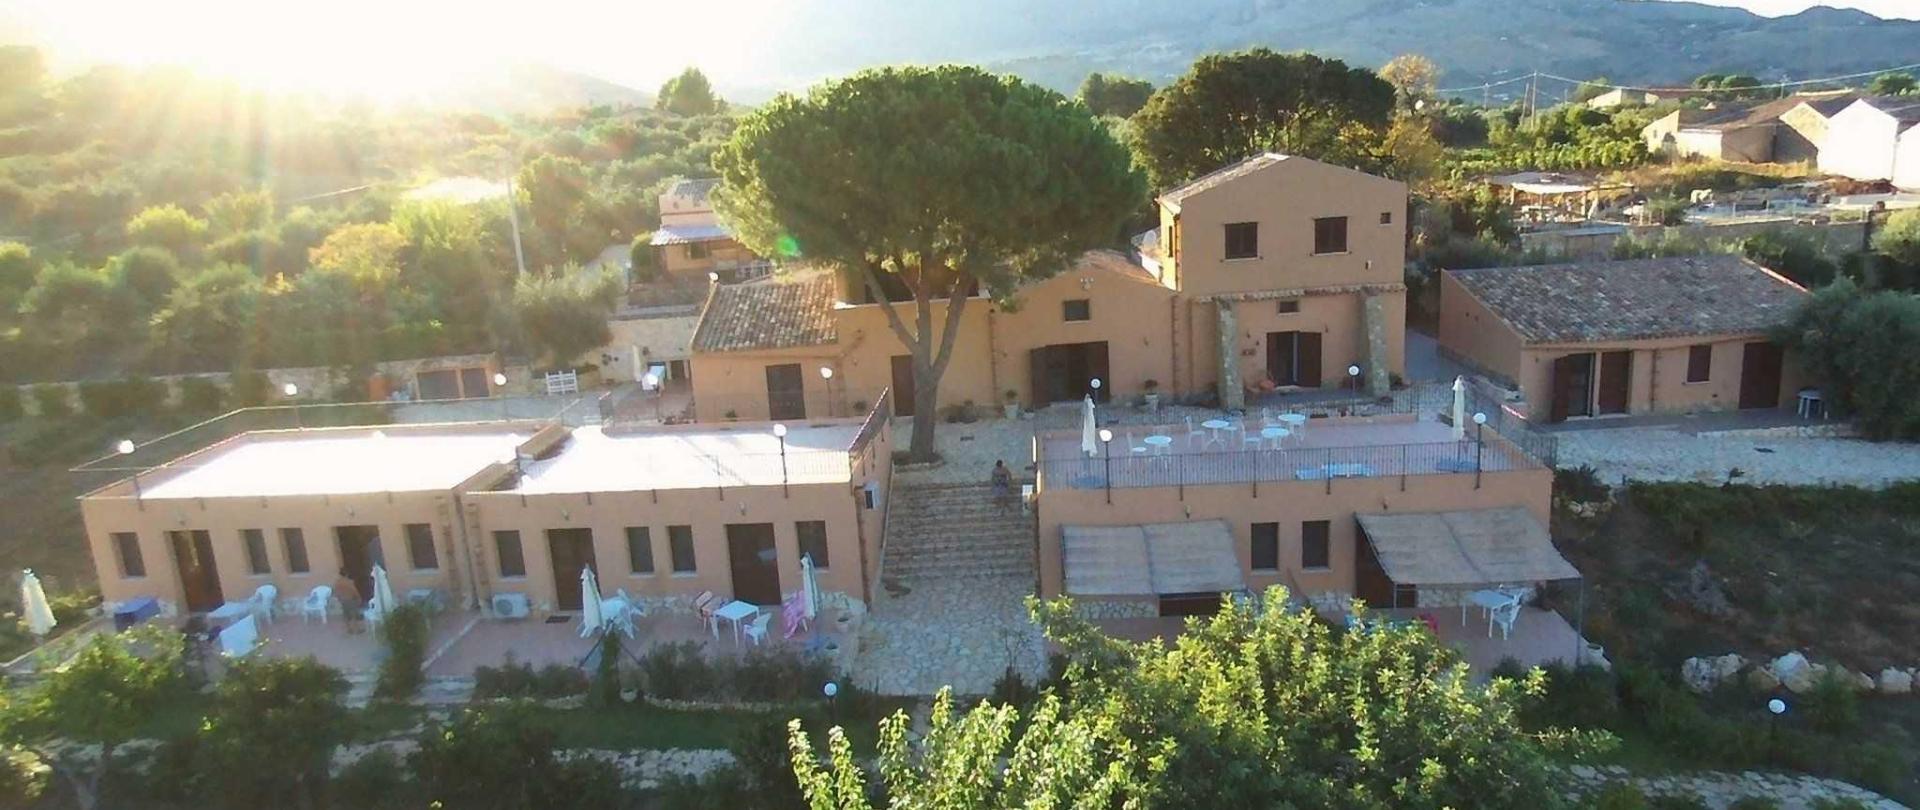 le-terrazze-su-fraginesi-vista-aerea-esterni-109.jpg